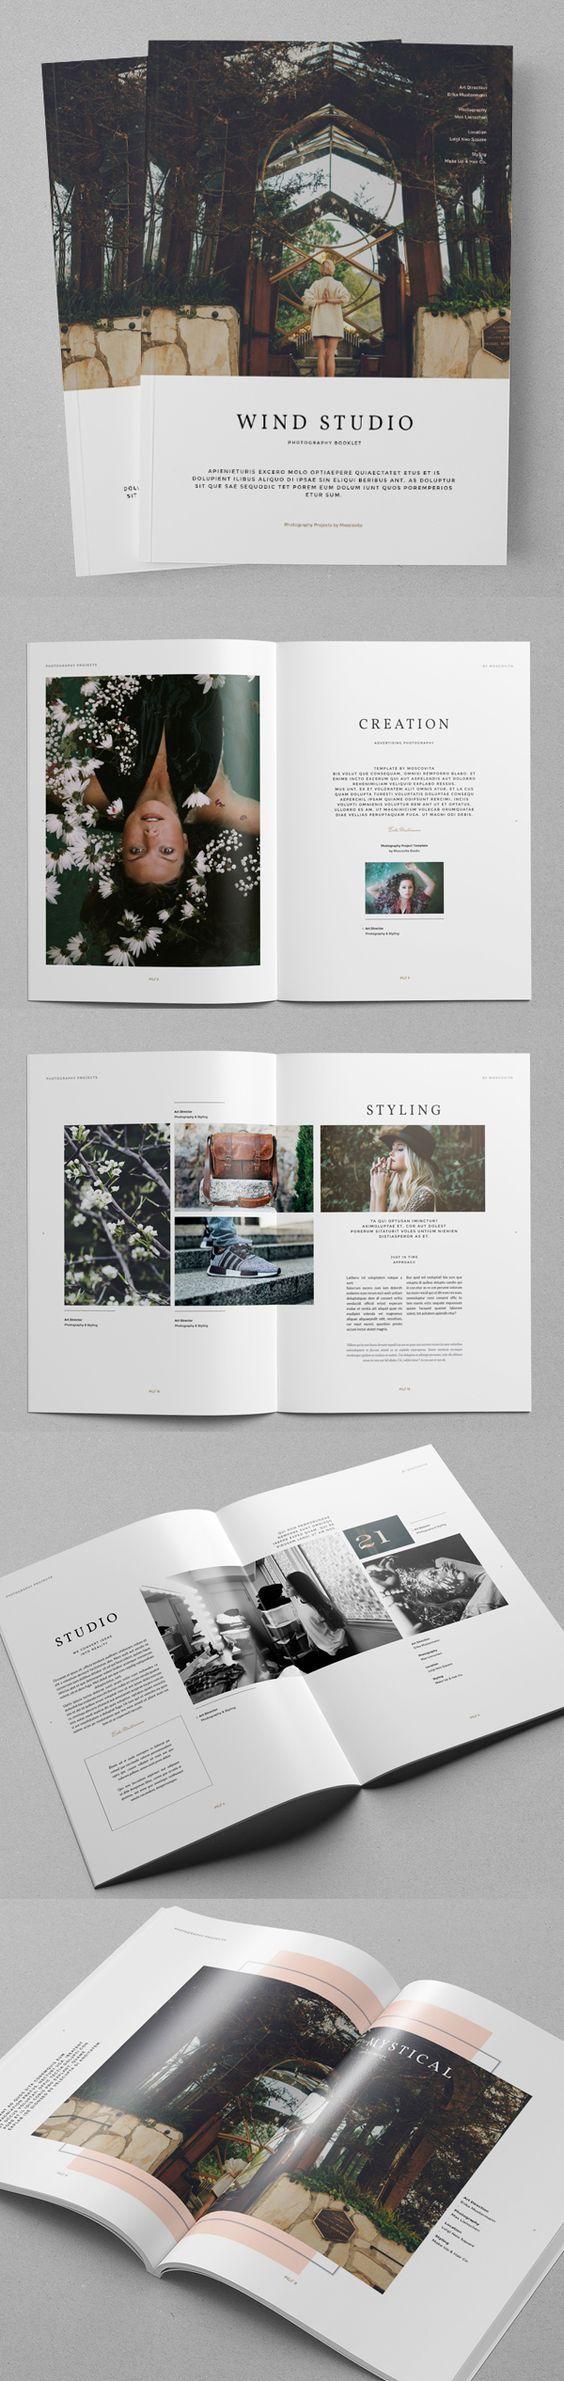 Home front tor design katalog  best graphic design  images on pinterest  brochures graph